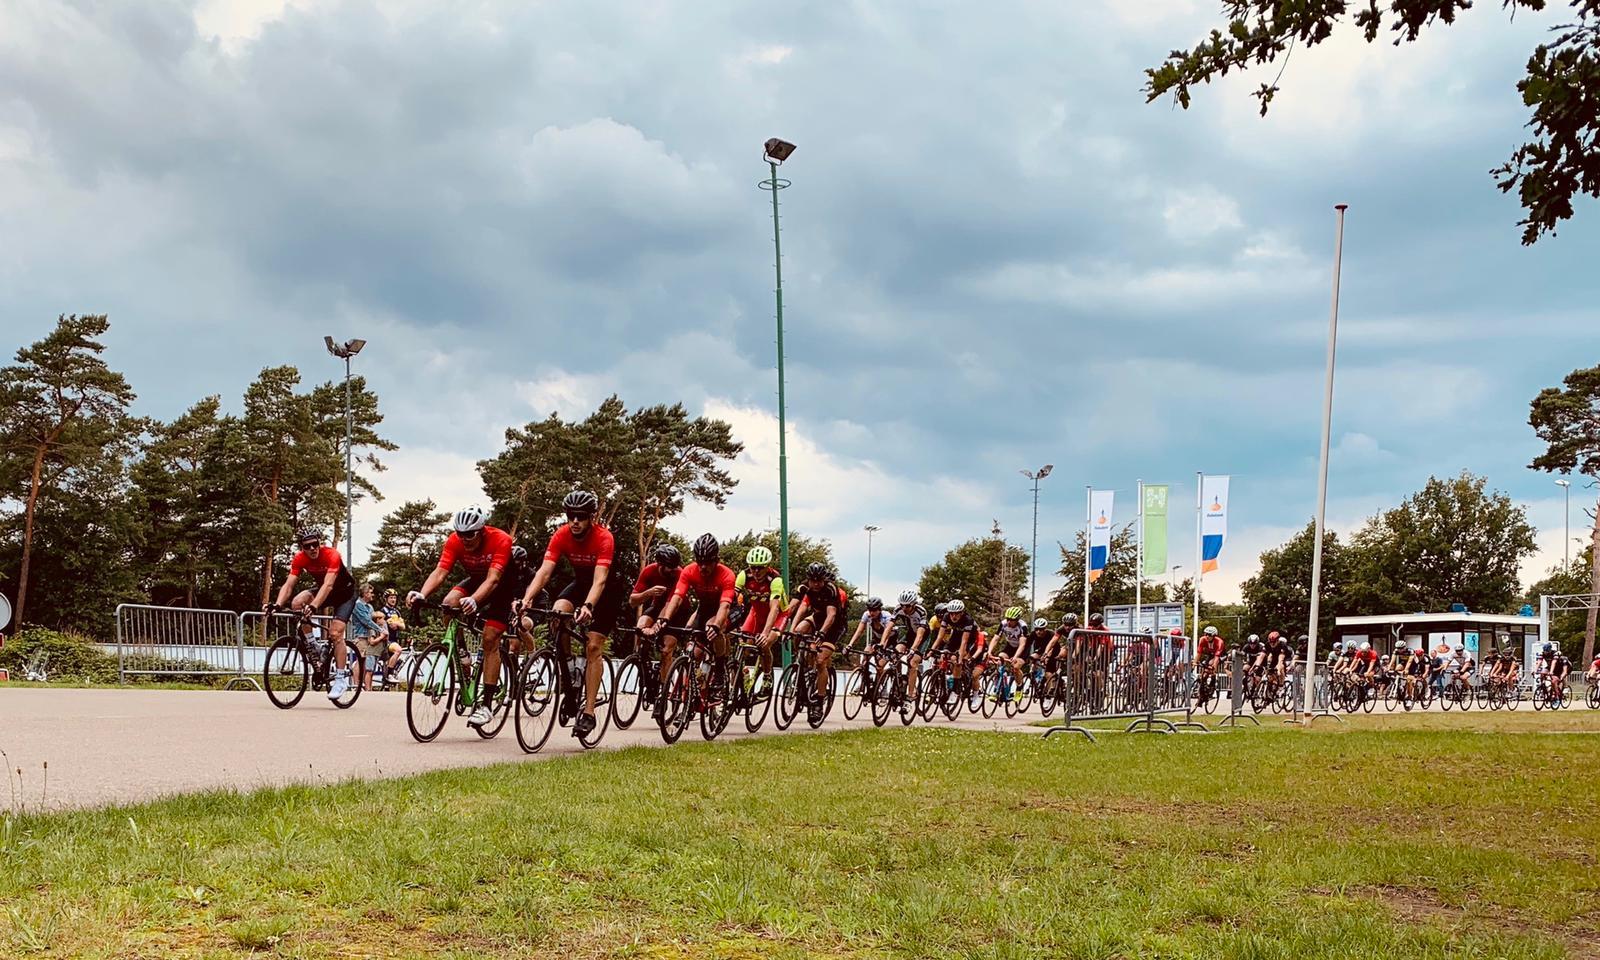 CCD Straßenradsportteam in Herungerberg (Frontansicht)